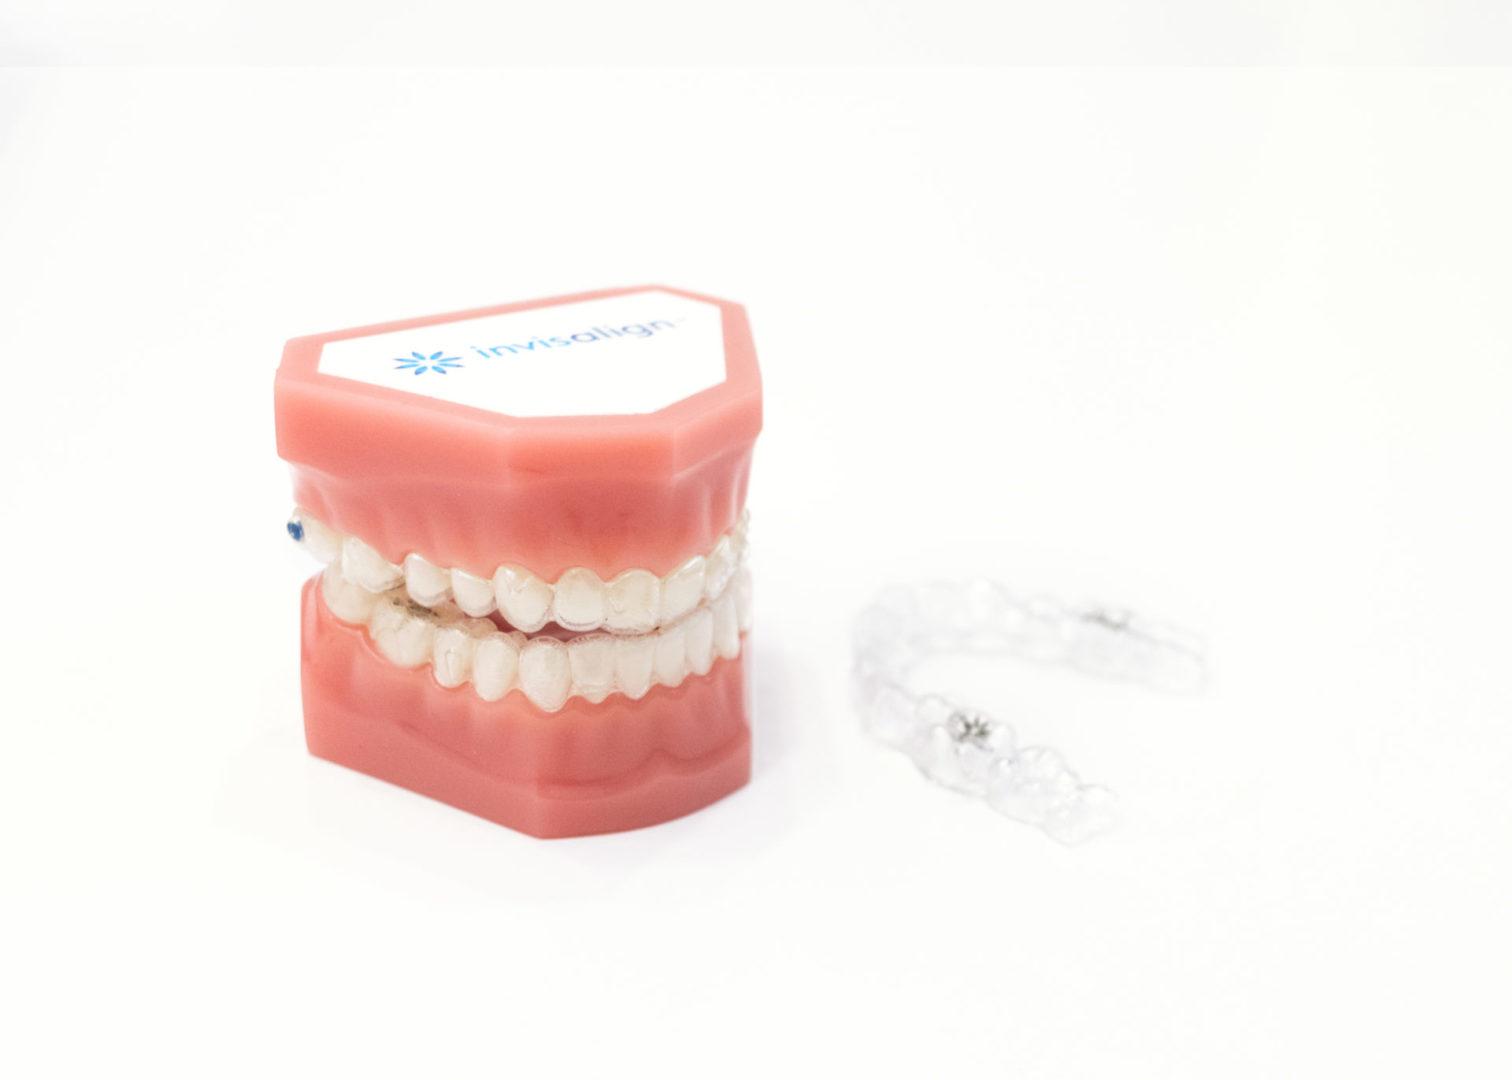 ¿Cómo afecta la alineación de los dientes a la salud del resto de la boca?